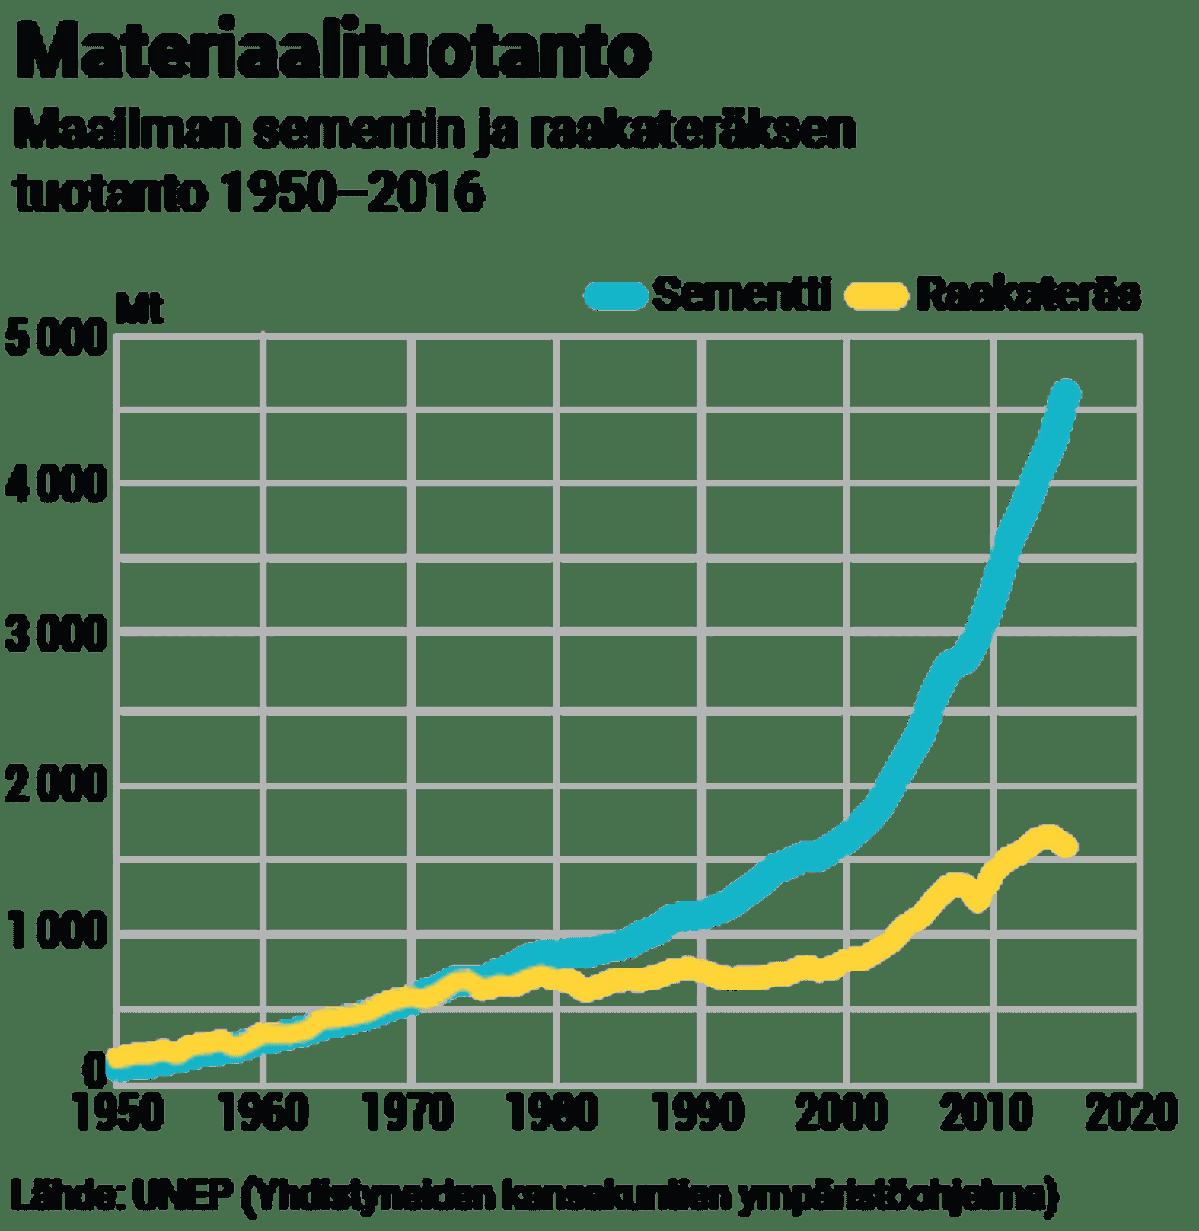 Sementin ja raakateräksen tuontato 1950-2016